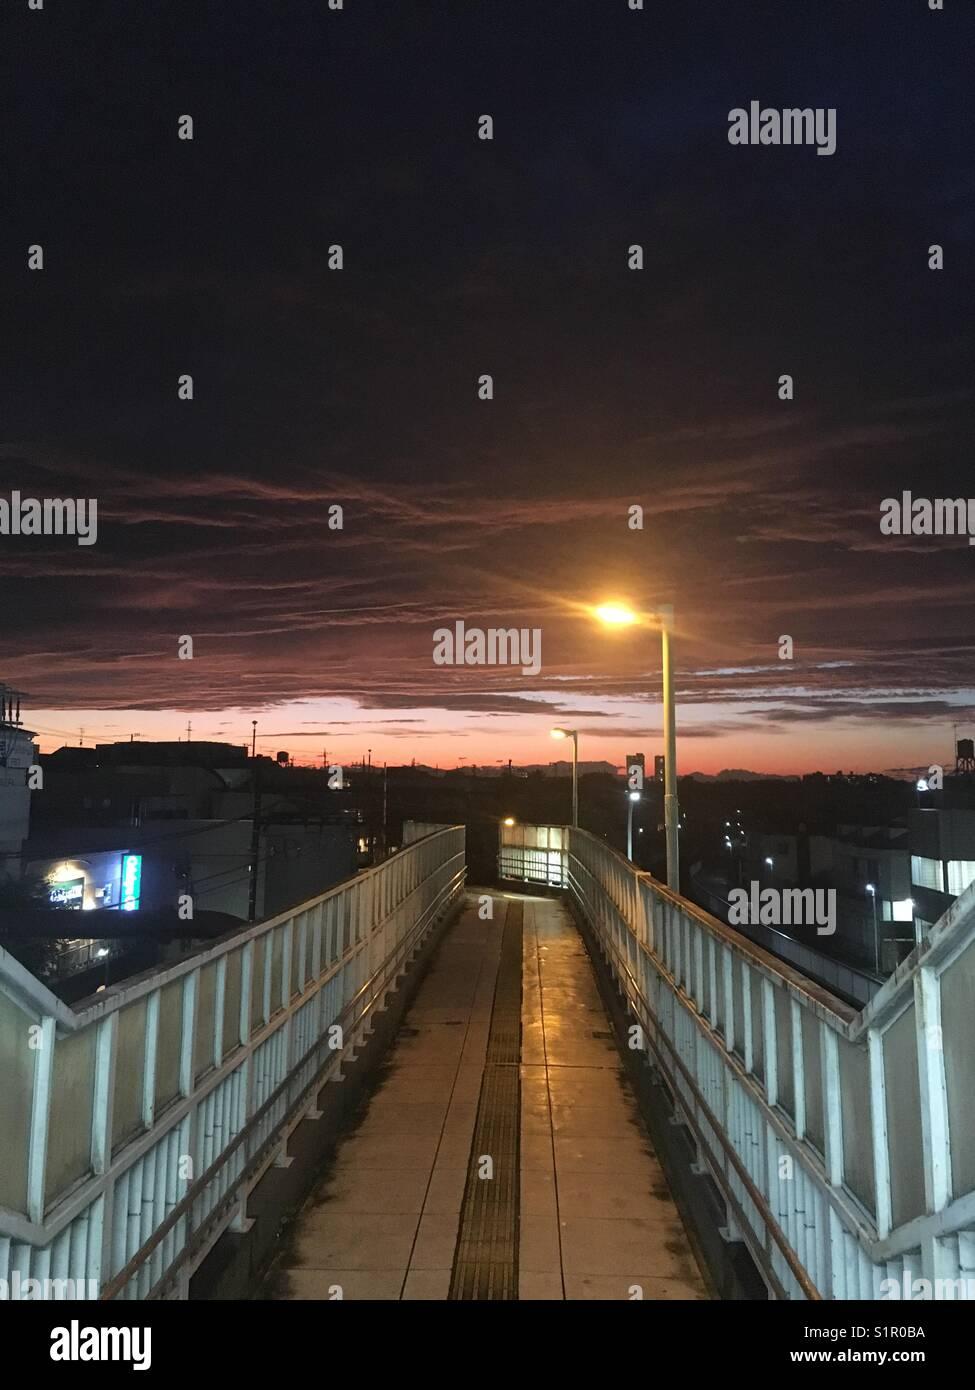 Sonnenuntergang nostalgische Stockbild